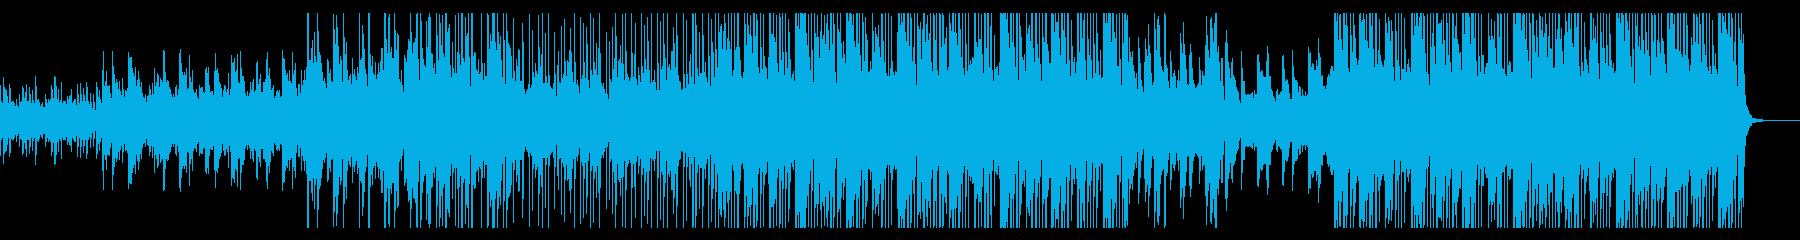 軽快さと壮大さを持った印象的なBGMの再生済みの波形